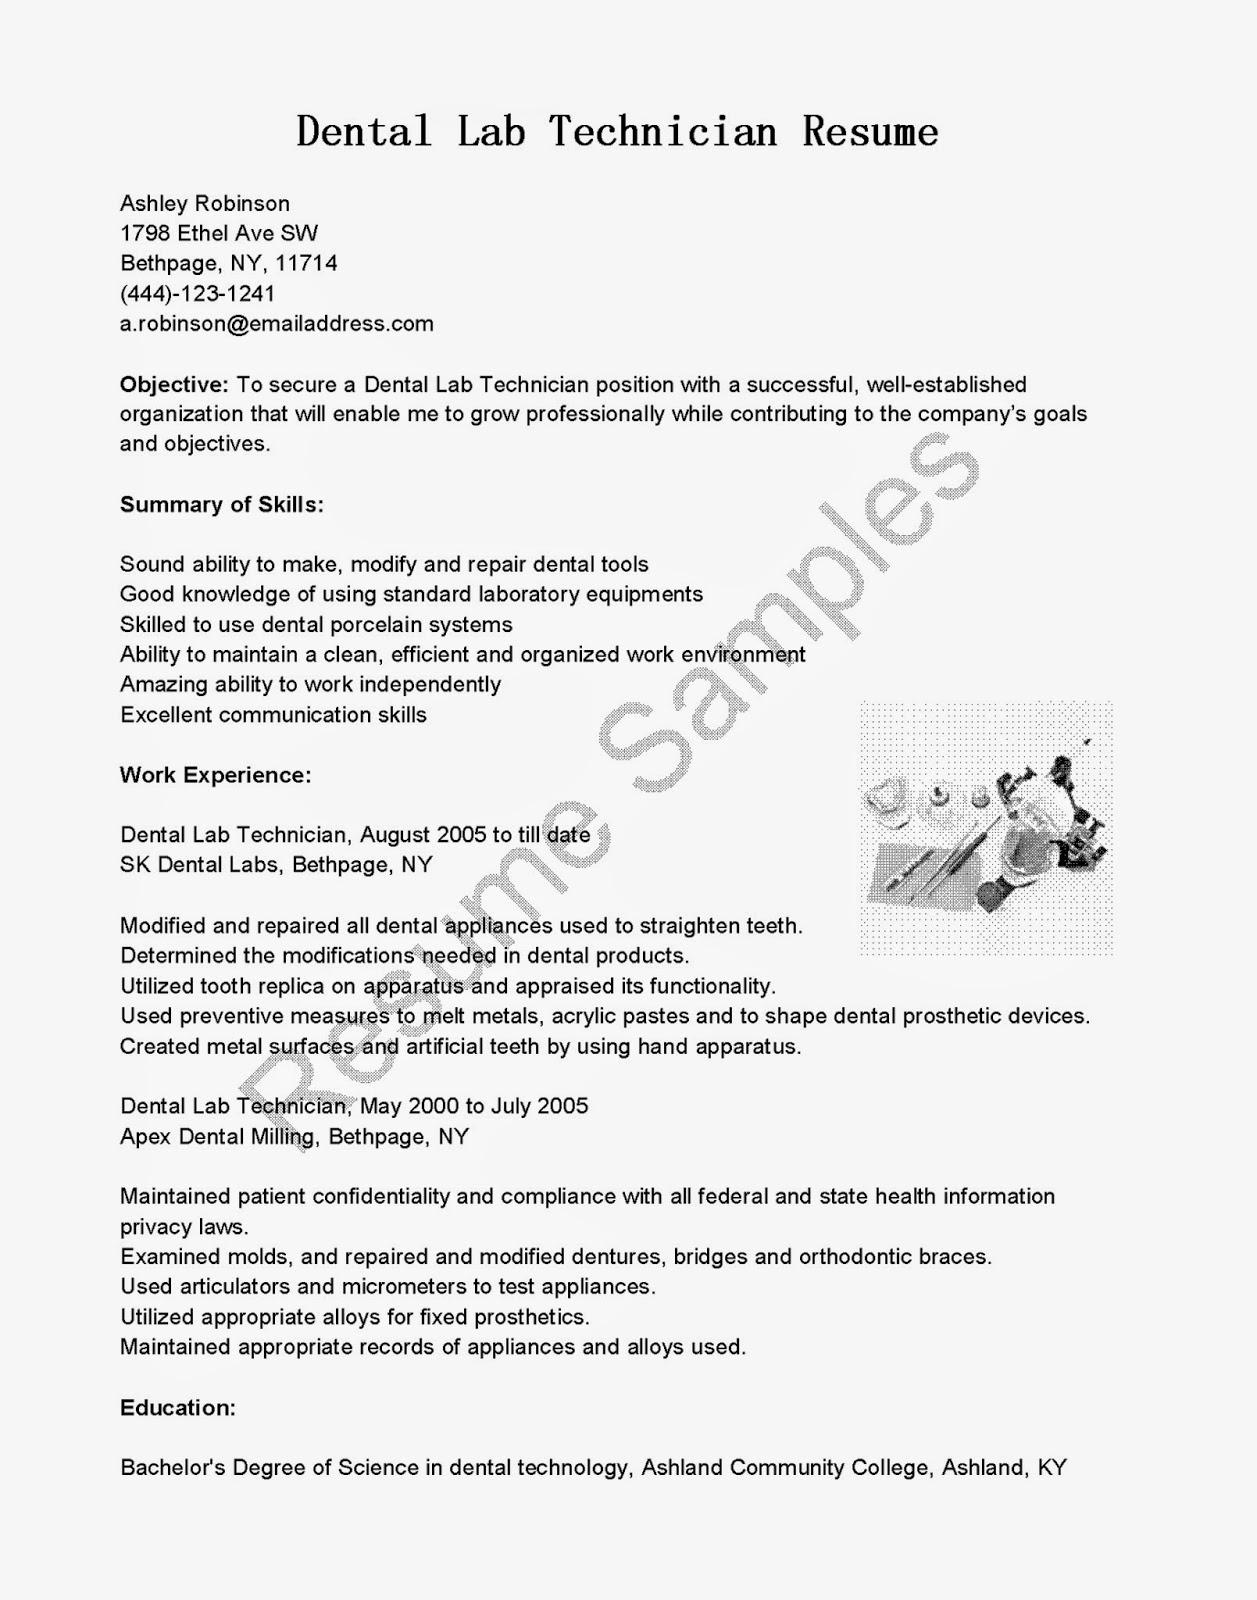 Resume CV Cover Letter Veterinary Technician Resume Samples 2509